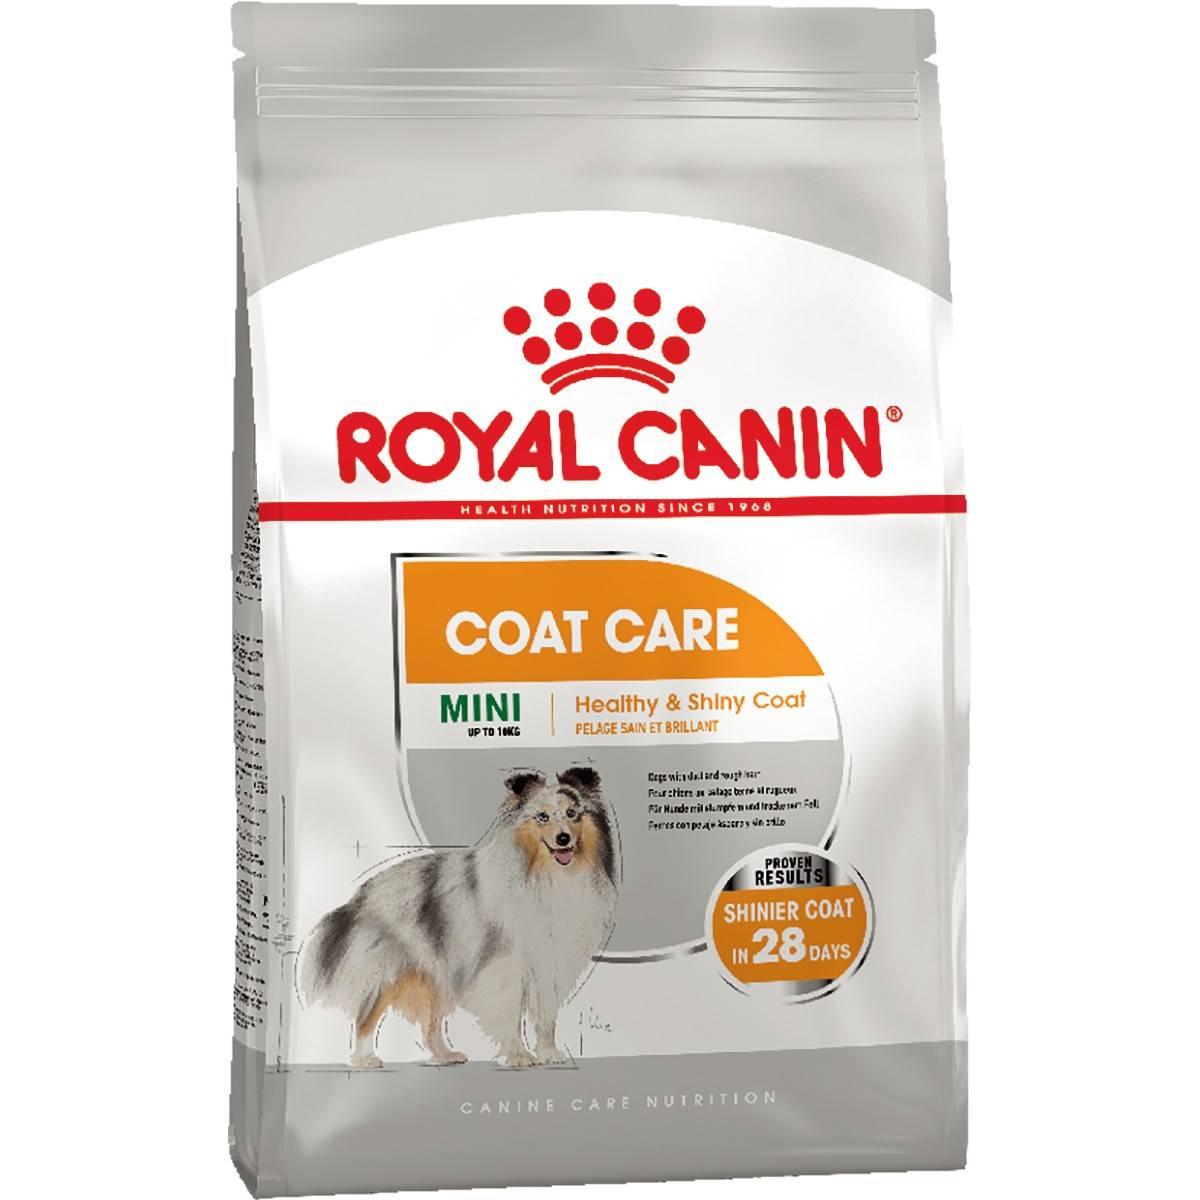 ROYAL CANIN COAT CARE MINI – сухой корм для собак малых пород с тусклой и жесткой шерстью